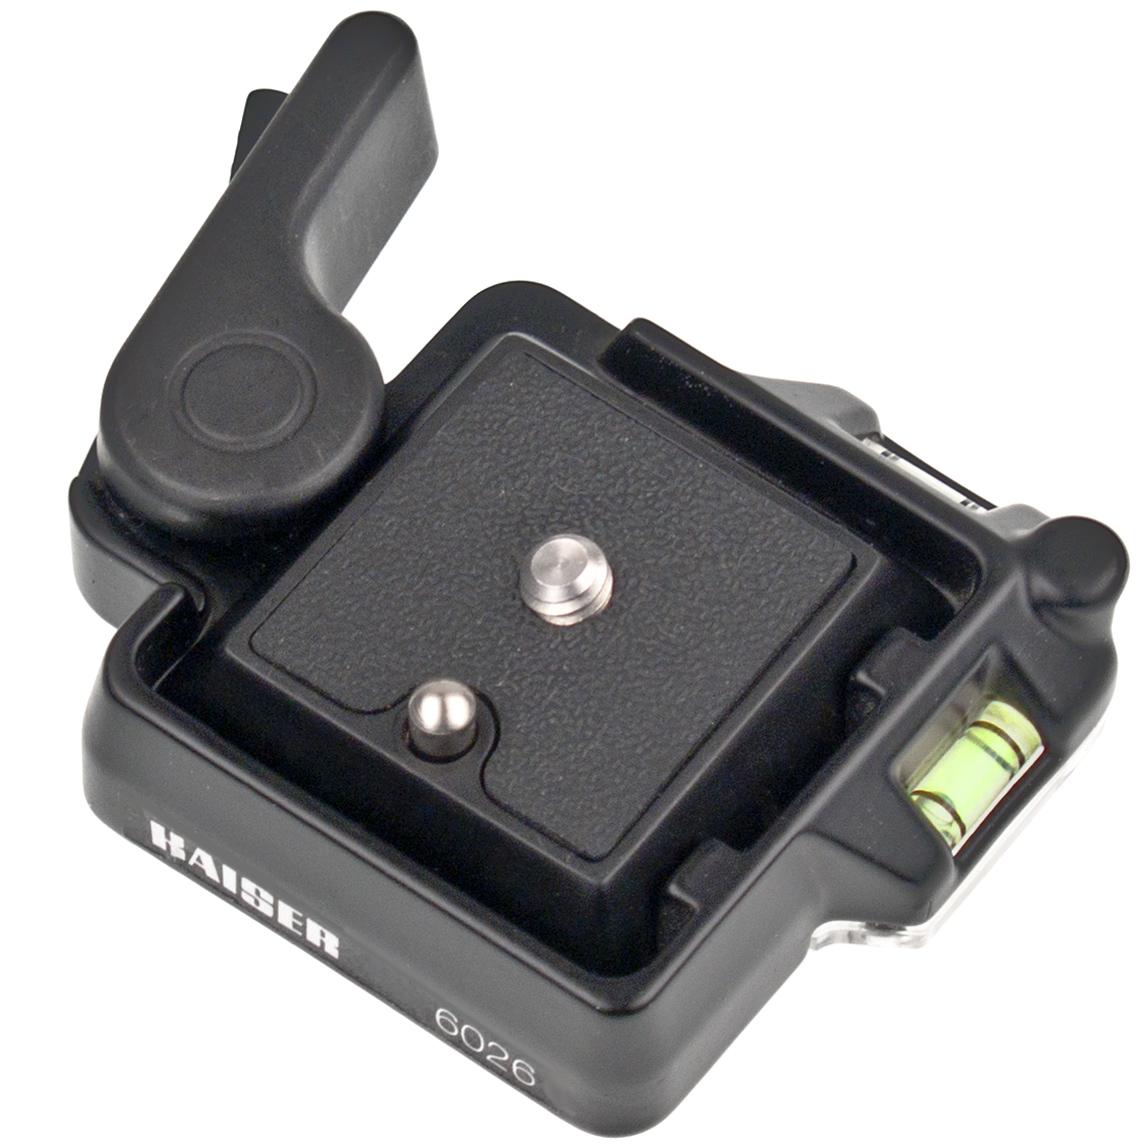 KAISER Schnellkupplung für Kamerastative mit integrierten Wasserwaagen inkl. 1 Schnellwechselplatte